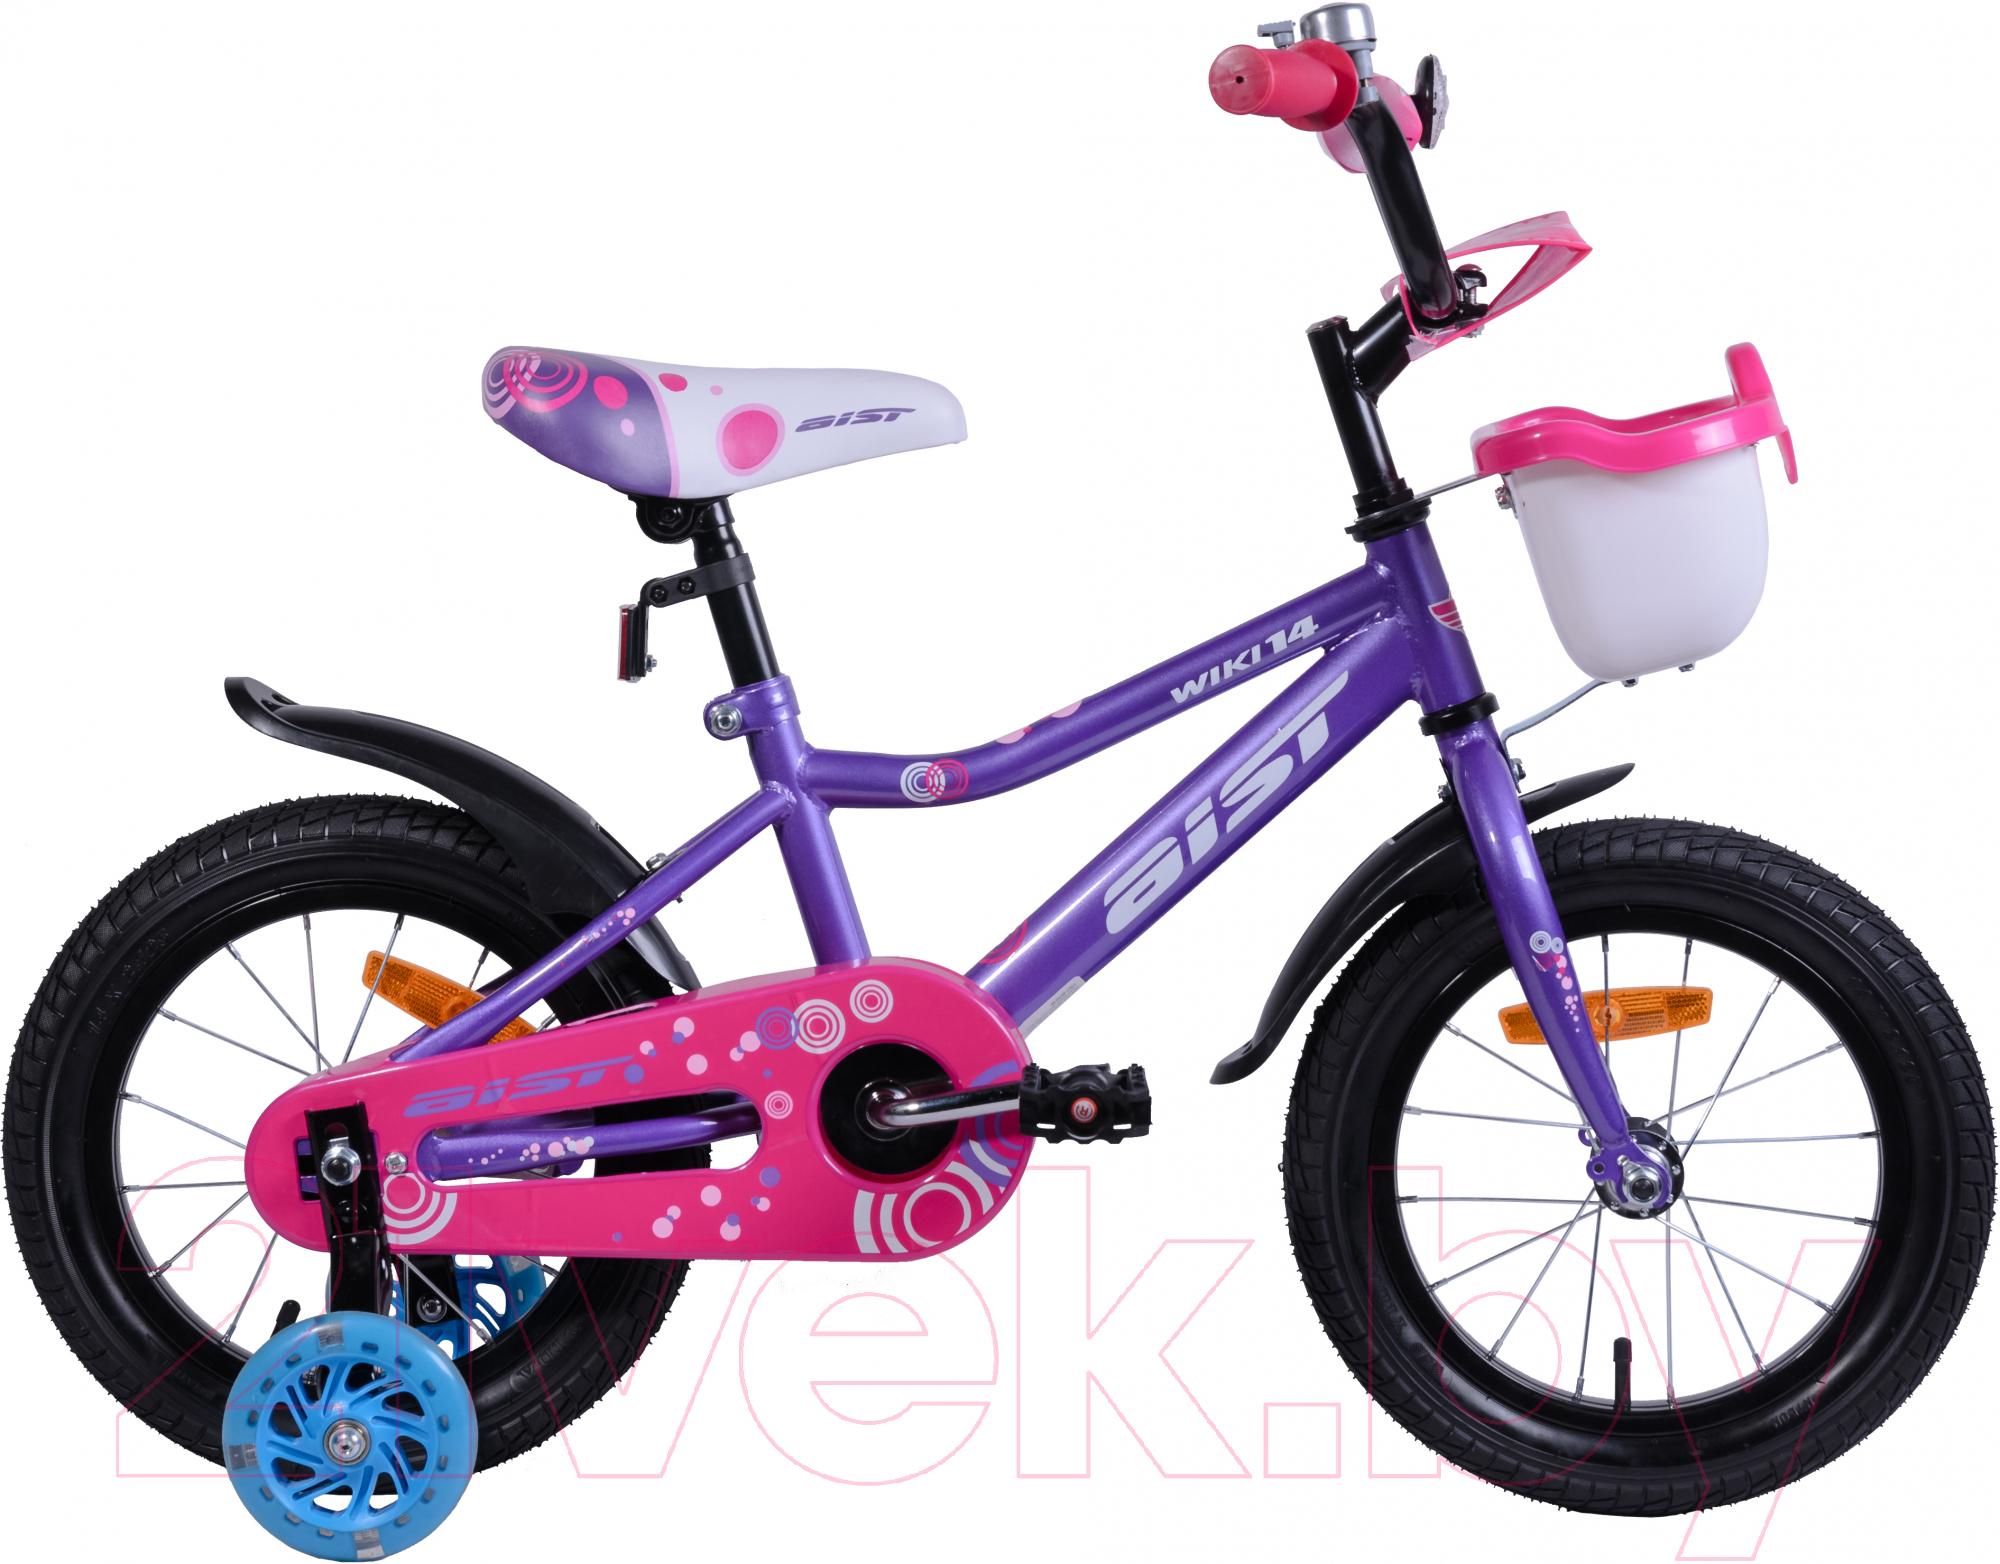 Детский велосипед AIST, Wiki 2019 (14, фиолетовый), Беларусь  - купить со скидкой